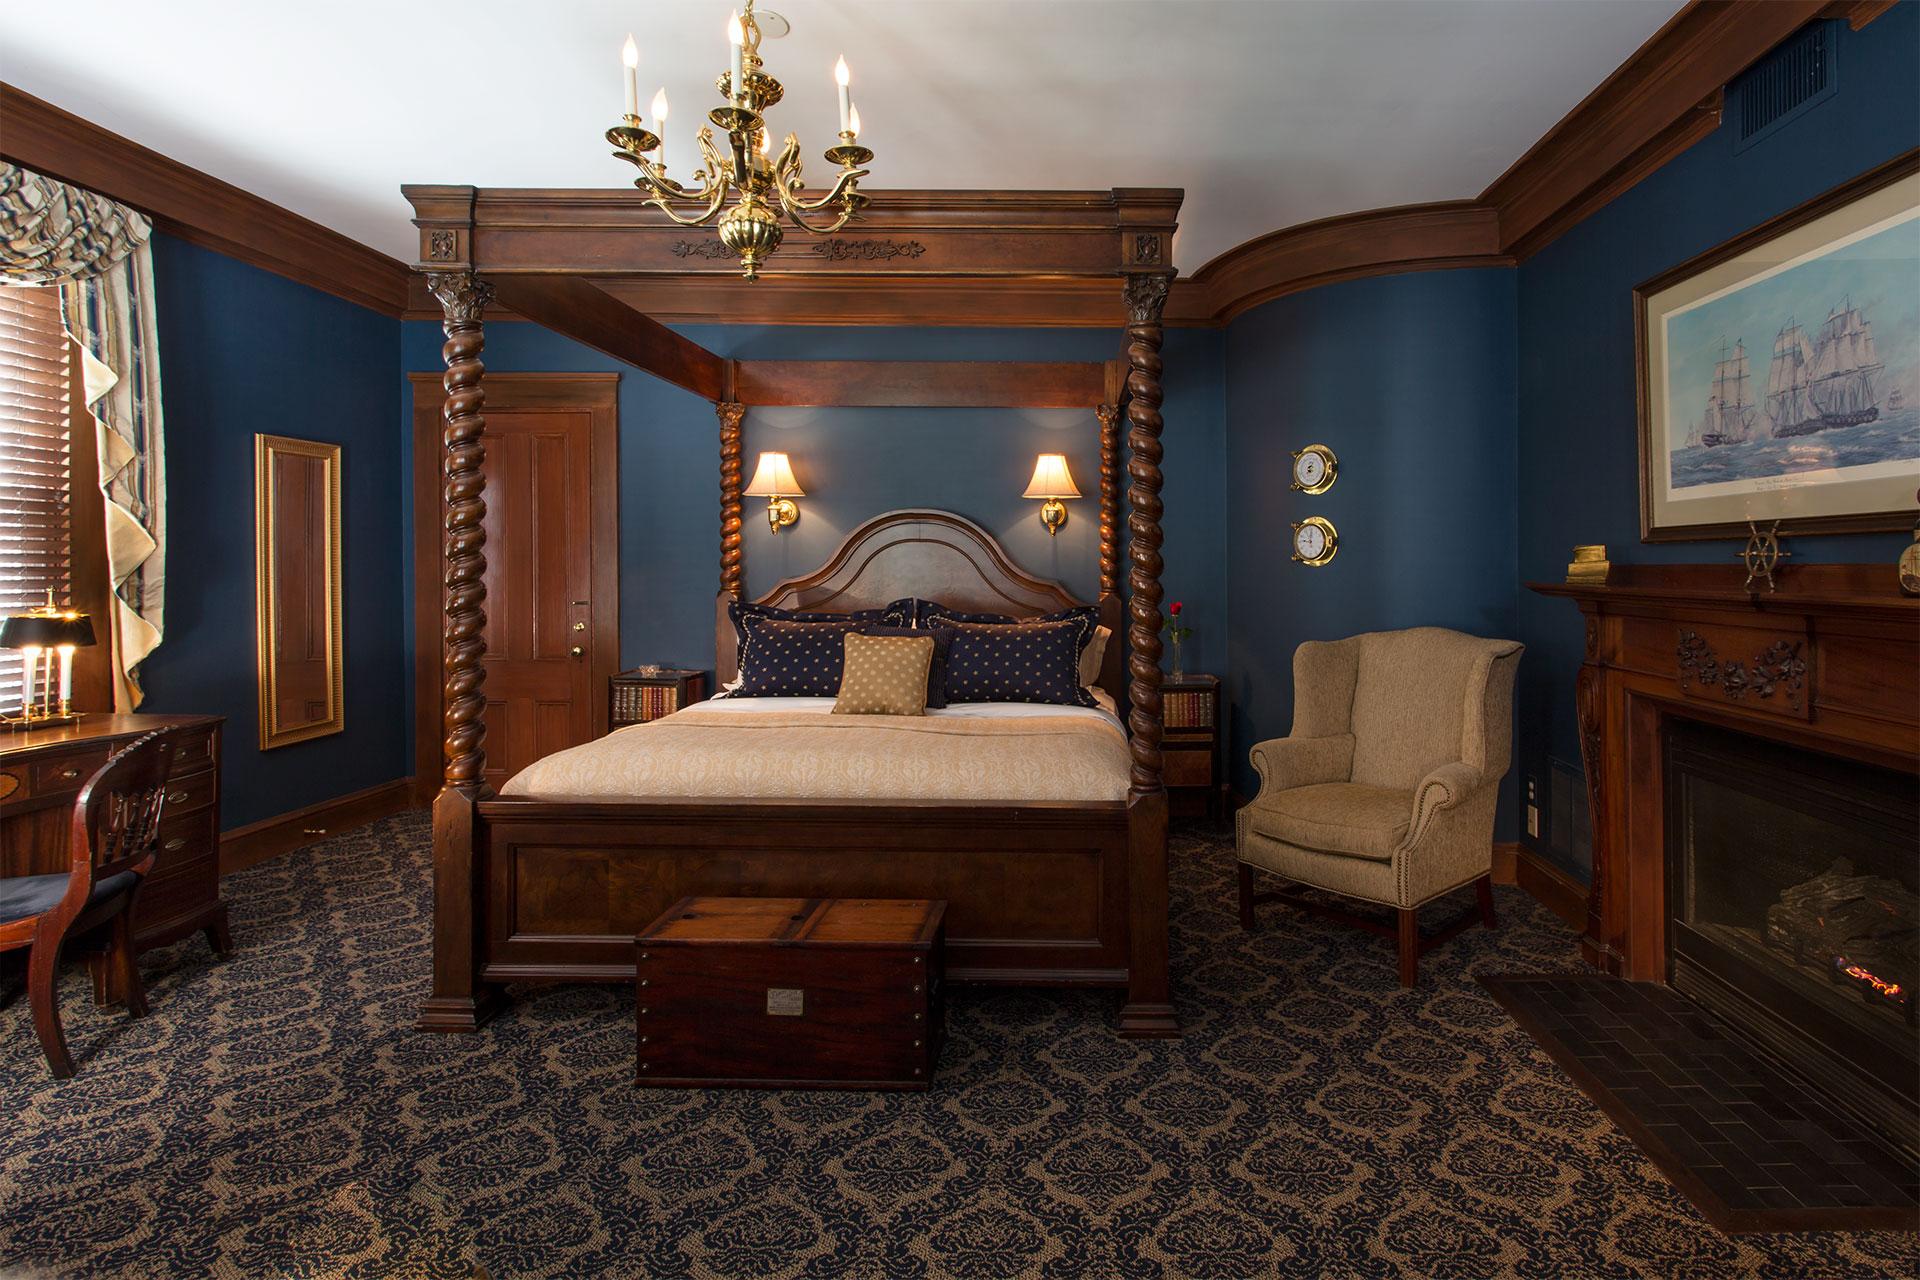 The Oliver Guest Room at La Farge - Newport, RI